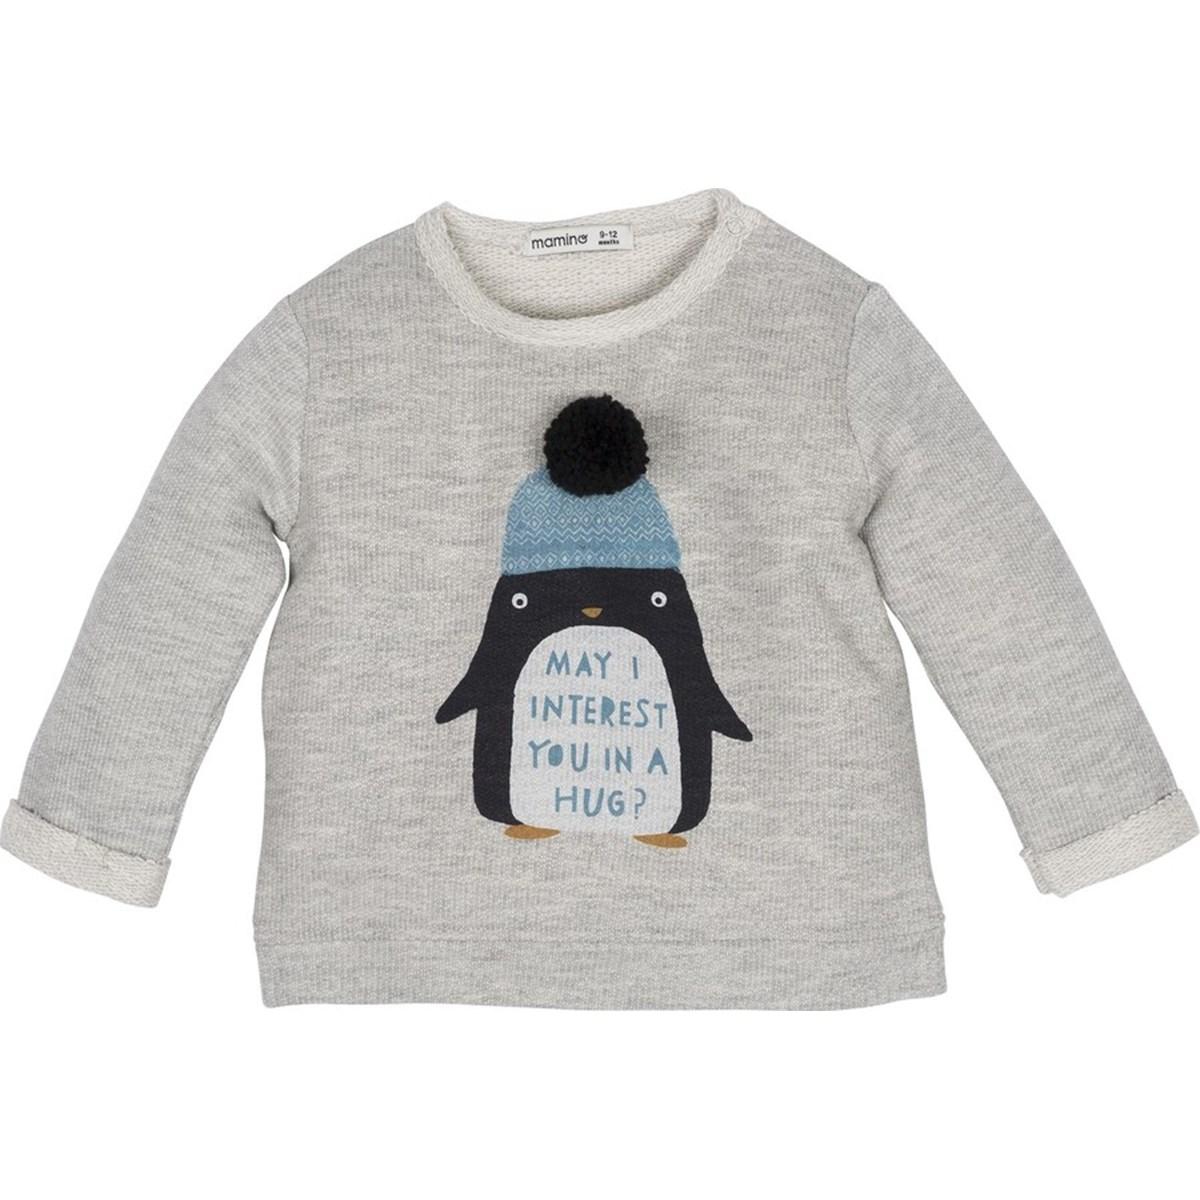 12524 Sweatshirt 1